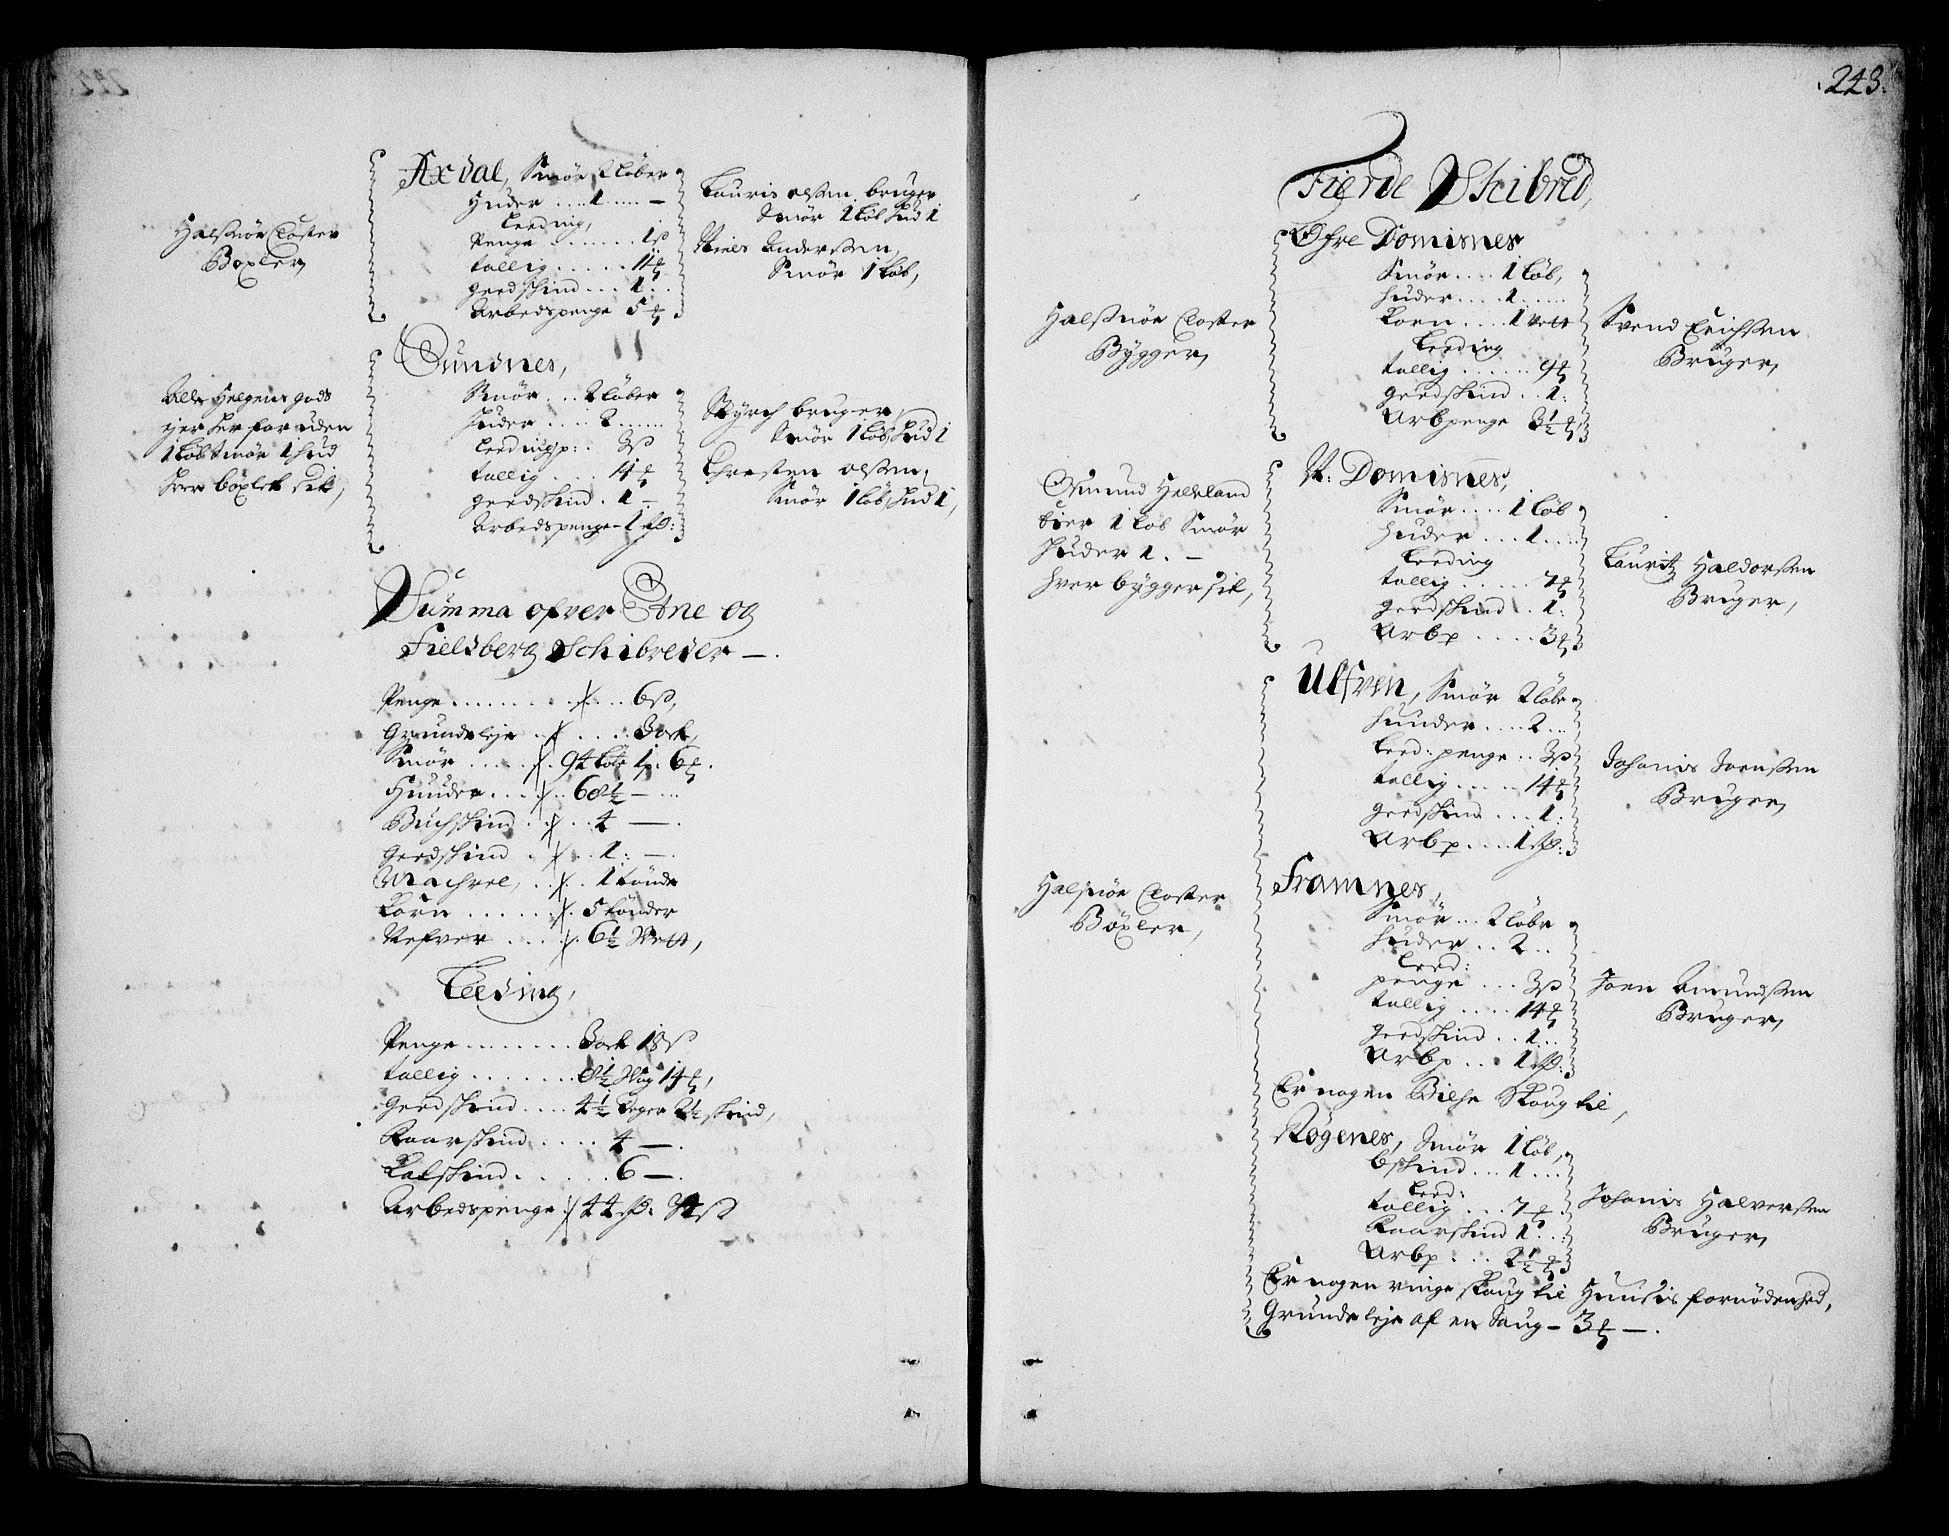 RA, Rentekammeret inntil 1814, Realistisk ordnet avdeling, On/L0002: [Jj 3]: Besiktigelsesforretninger over Halsnøy klosters gods, 1659-1703, s. 242b-243a